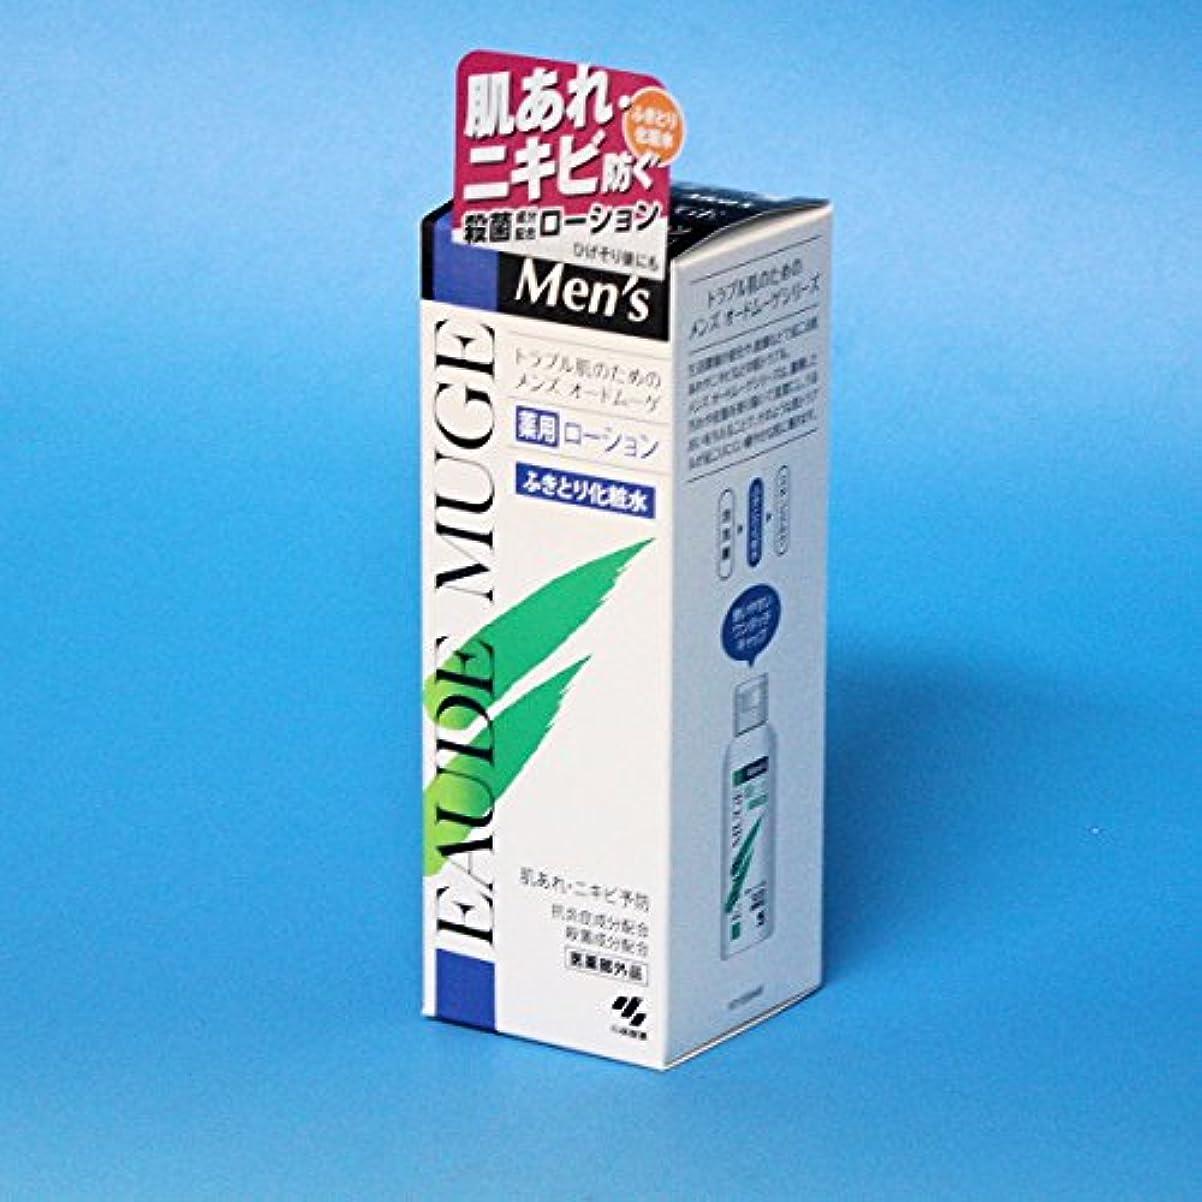 交通渋滞移植作りますメンズ オードムーゲ薬用ローション ふき取り化粧水 160ml